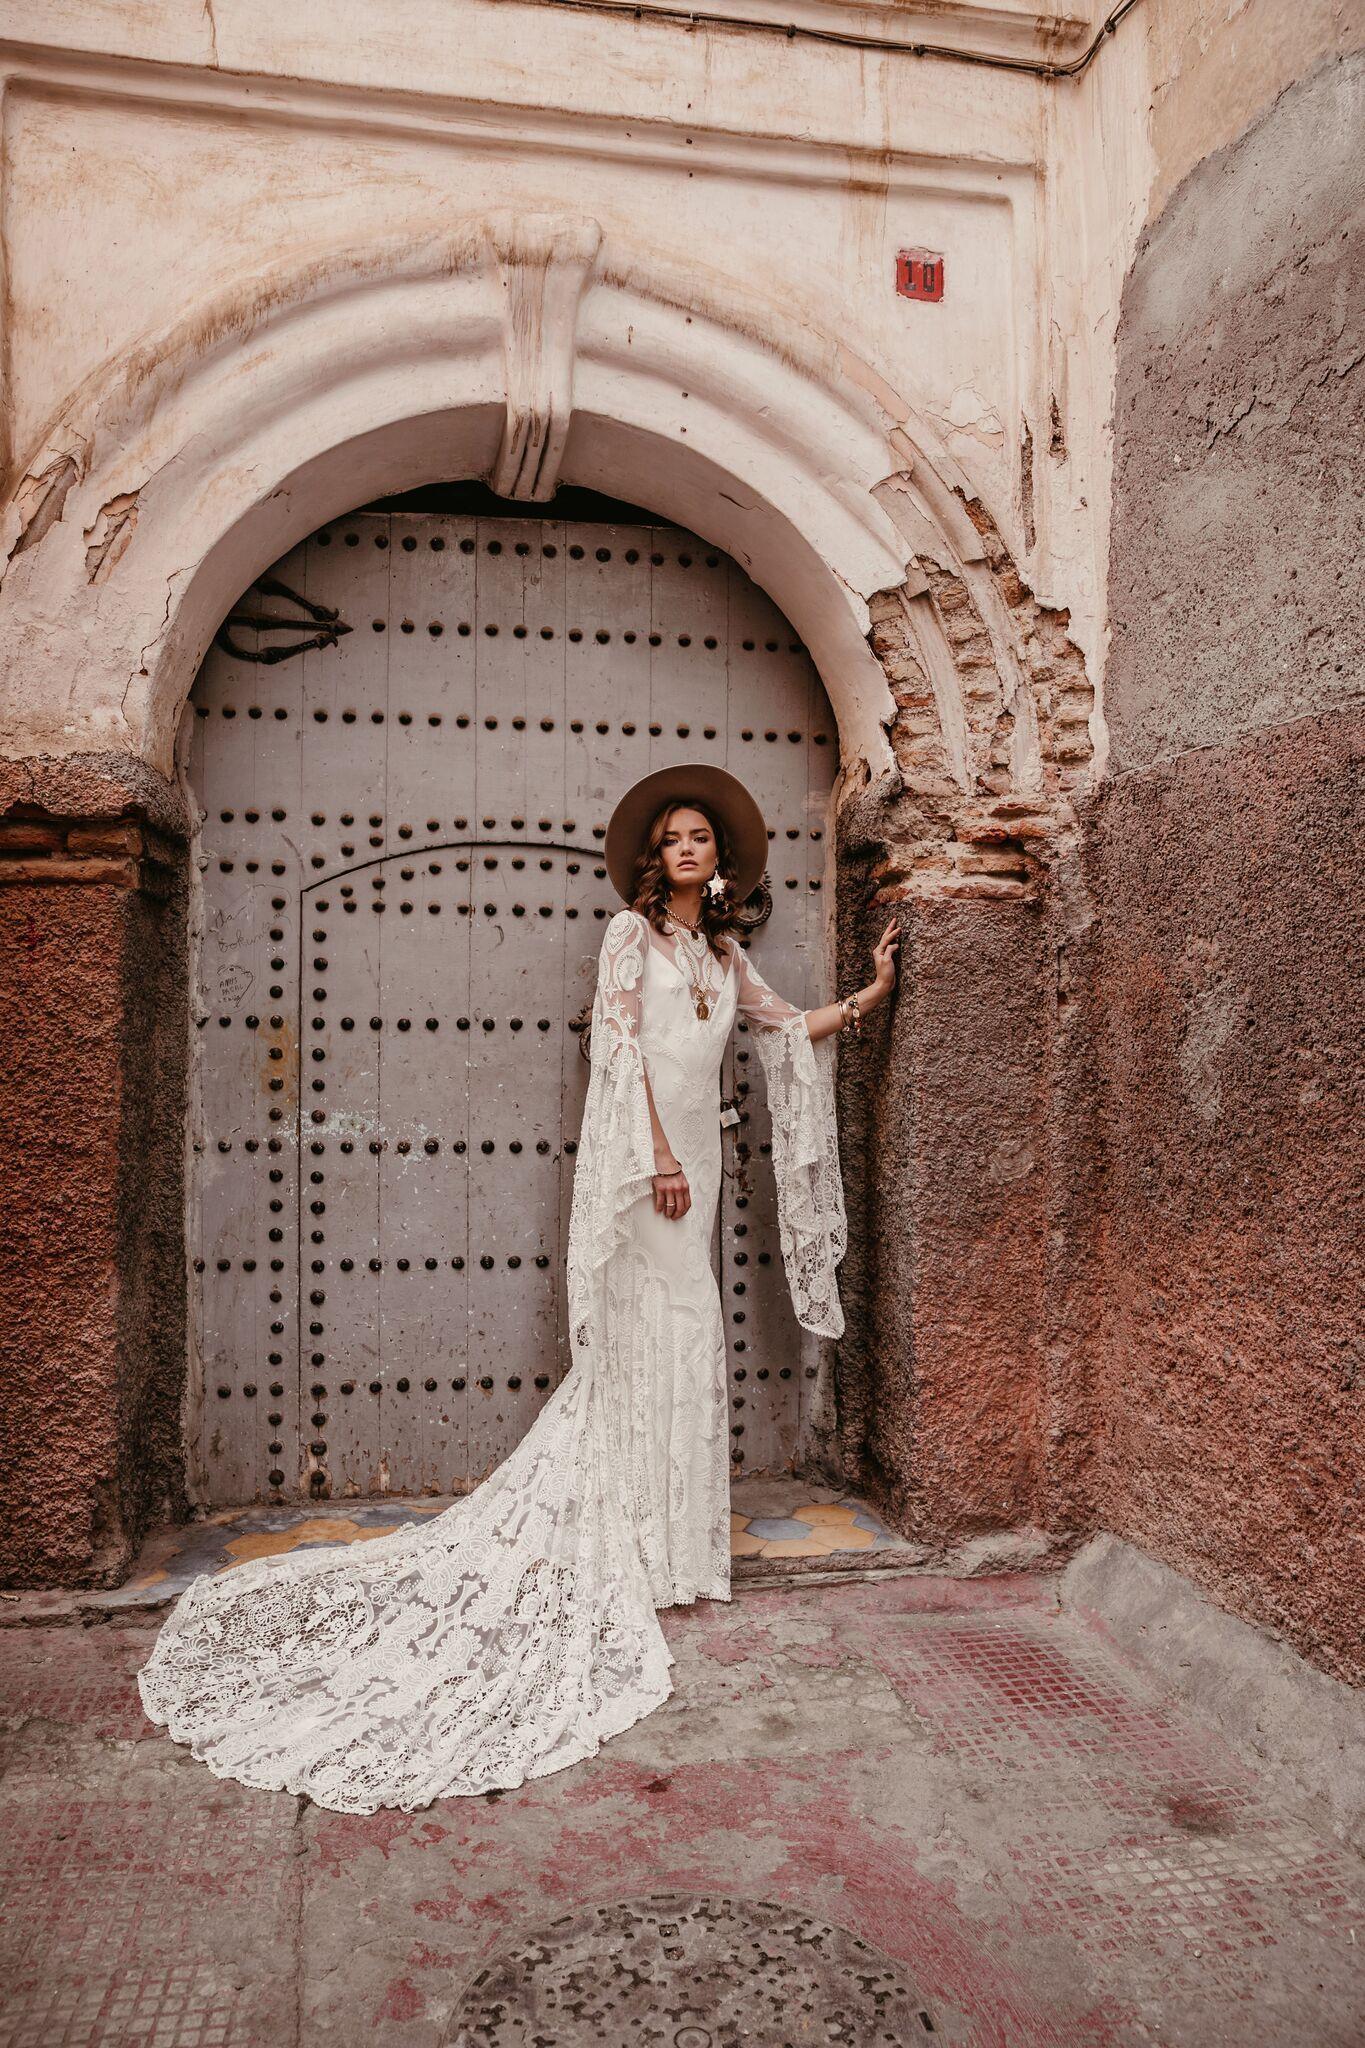 New rue de seine wedding dresses trunk shows rue de seine